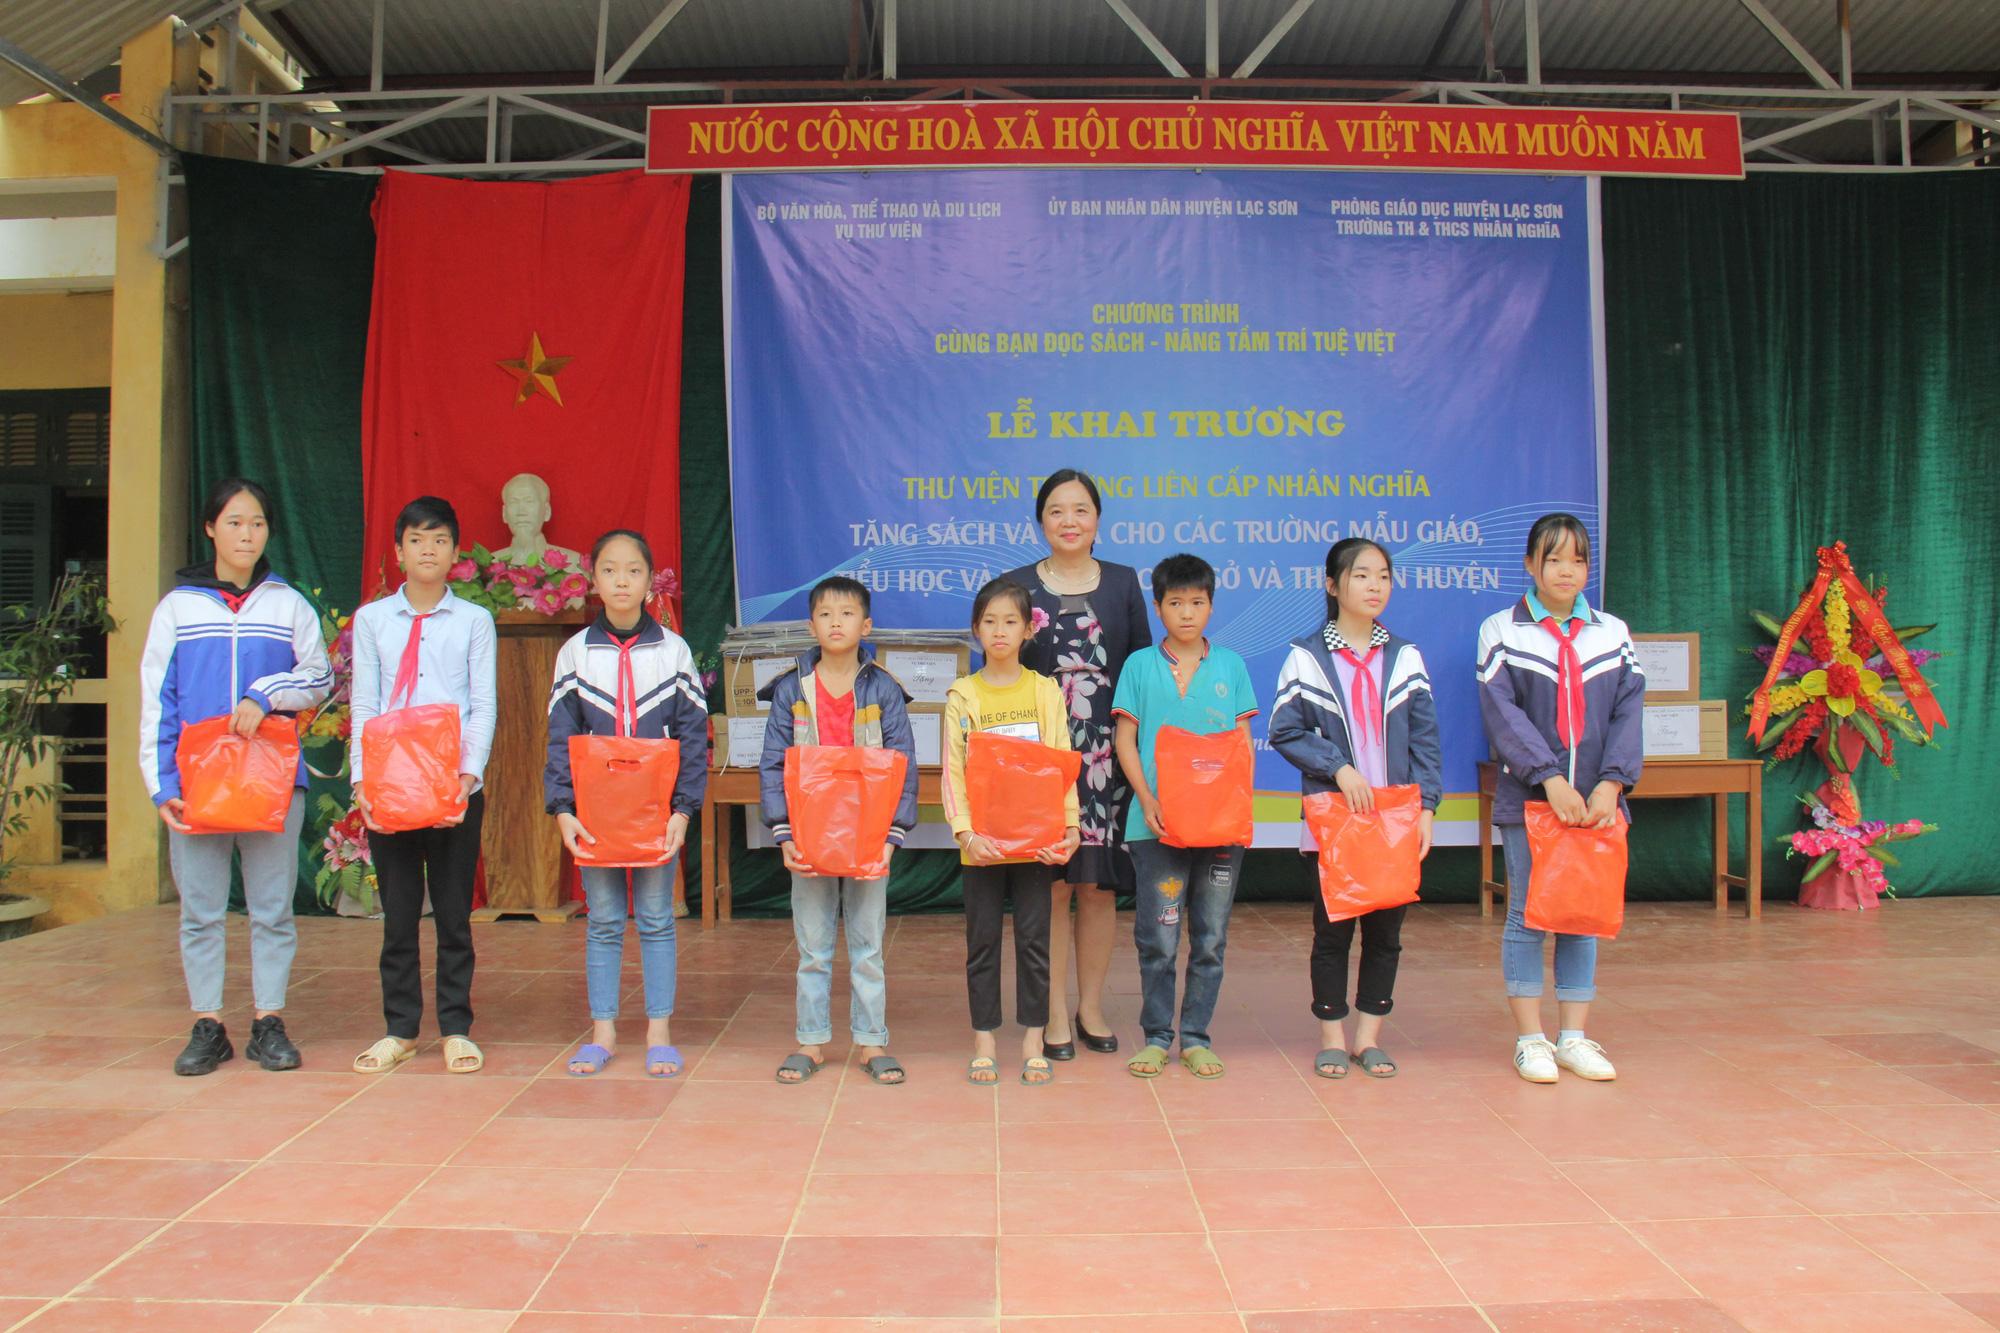 Trao tặng hơn 4.000 đầu sách cho các thư viện, trường học tỉnh Hòa Bình - Ảnh 5.